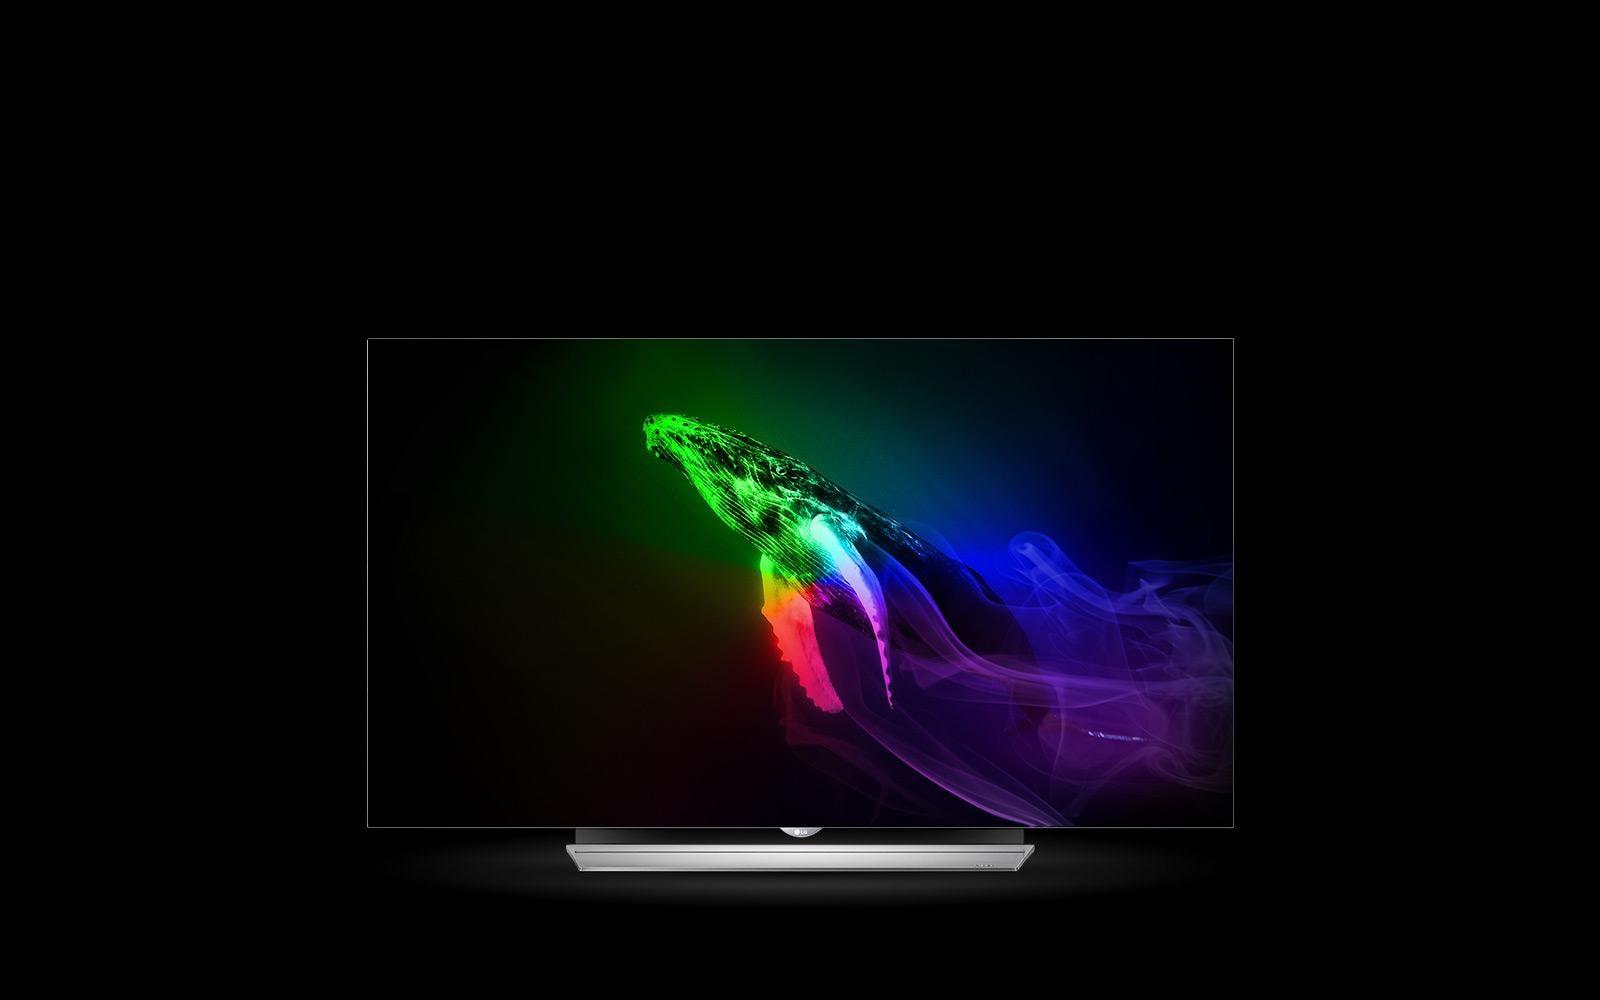 lg 65ef9500 65 class 64 5 diagonal flat oled 4k smart tv w webos 2 0 lg usa. Black Bedroom Furniture Sets. Home Design Ideas